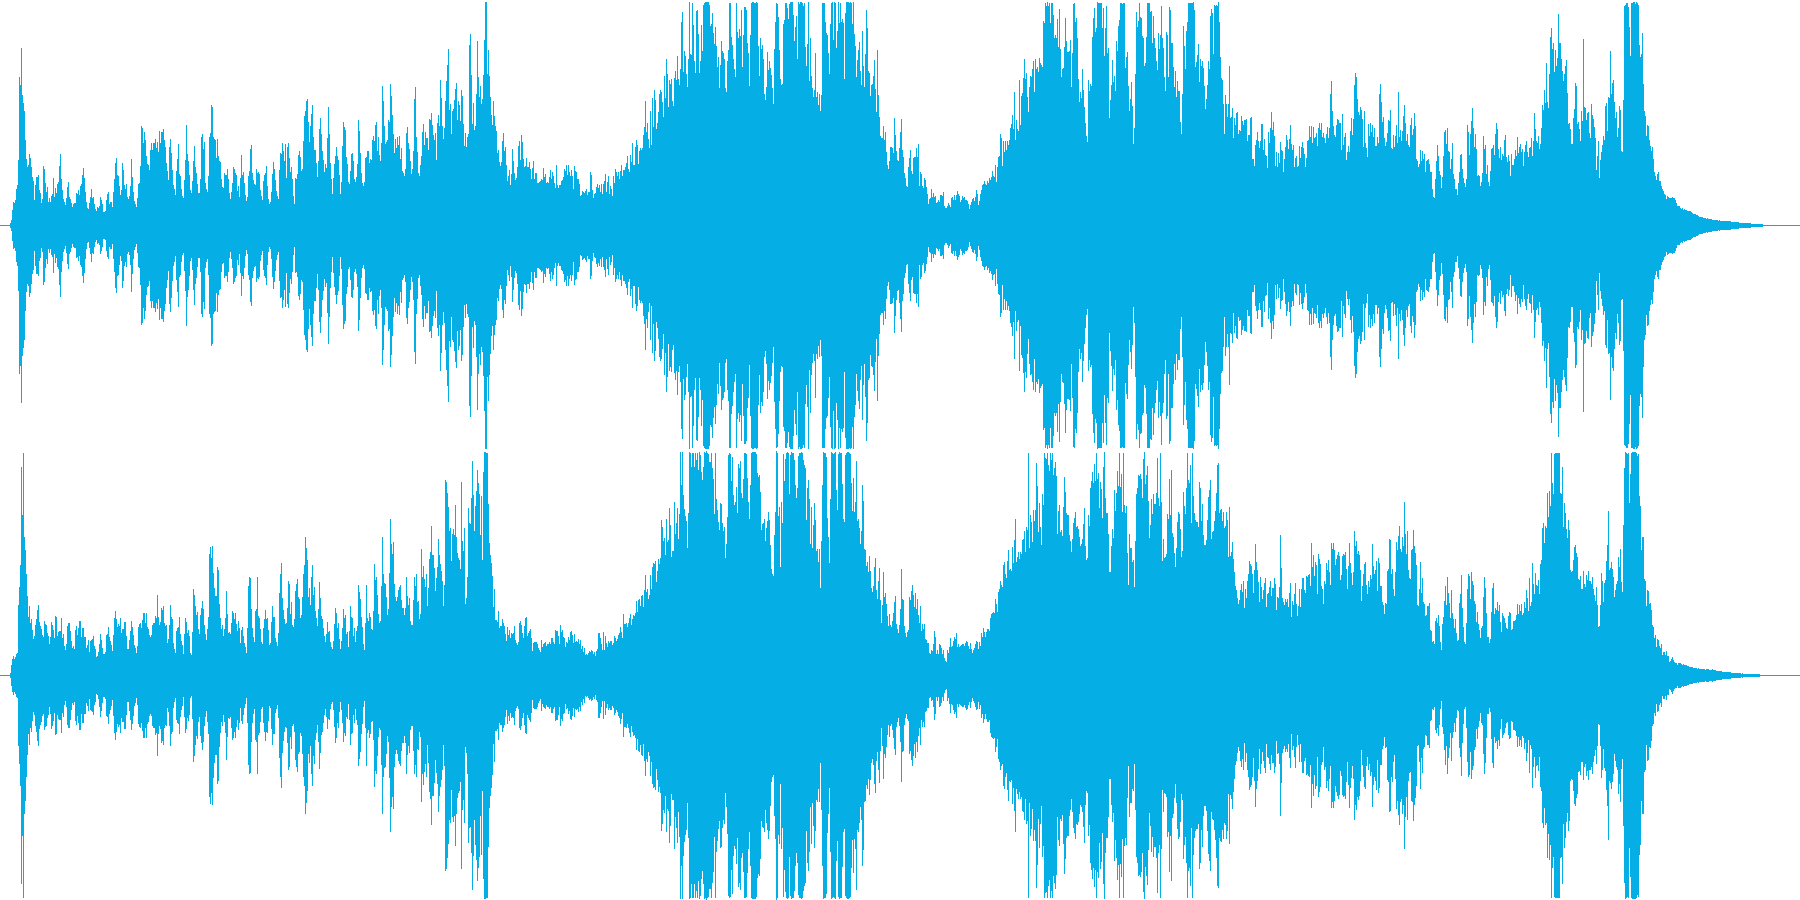 邪鬼から逃げ惑うオーケストラ曲の再生済みの波形